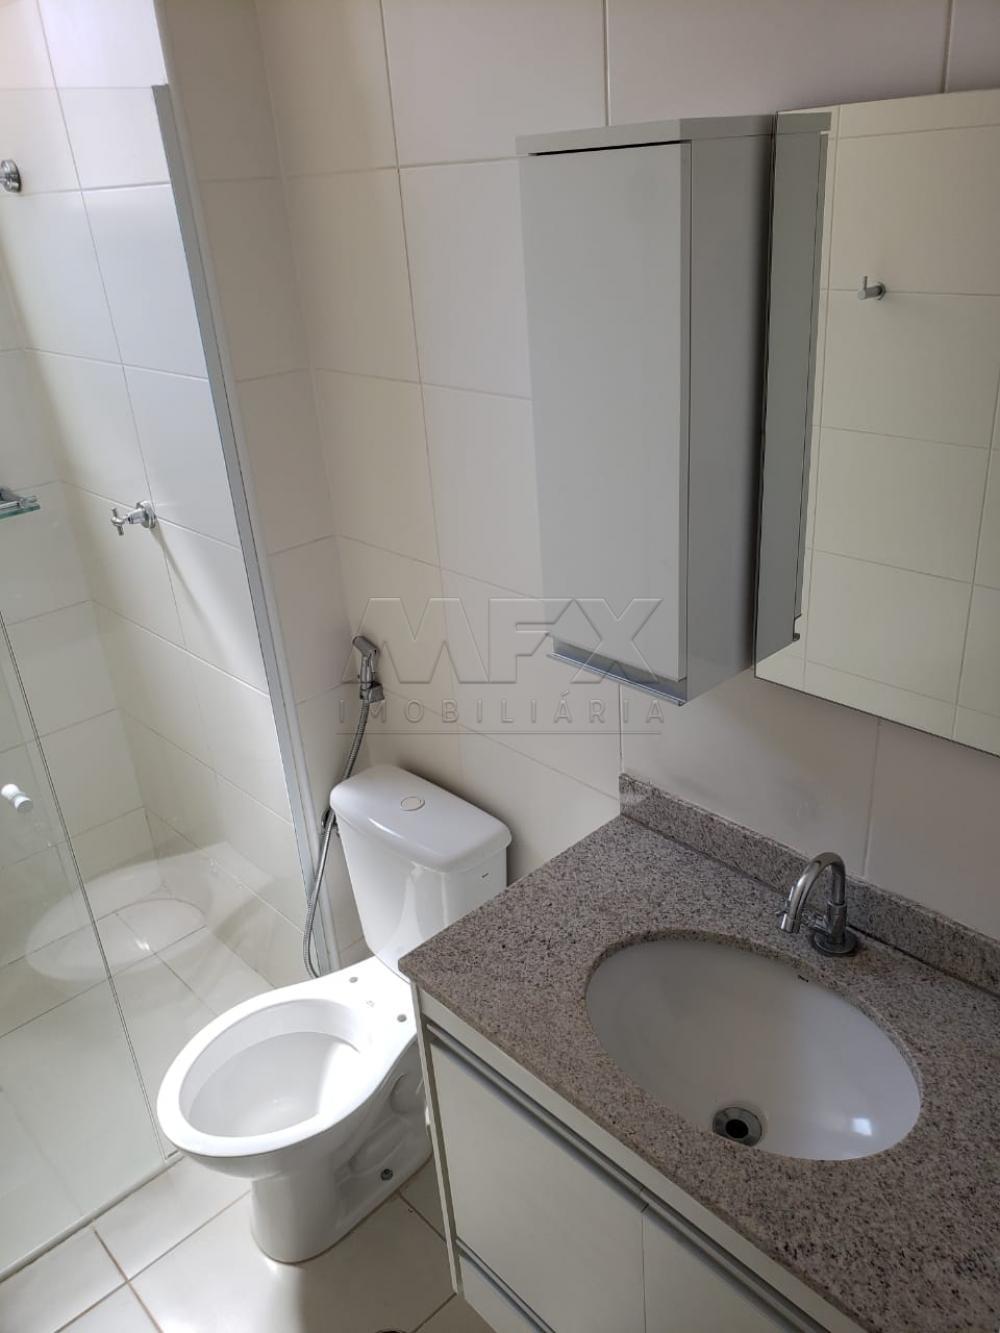 Alugar Apartamento / Padrão em Bauru apenas R$ 1.800,00 - Foto 7